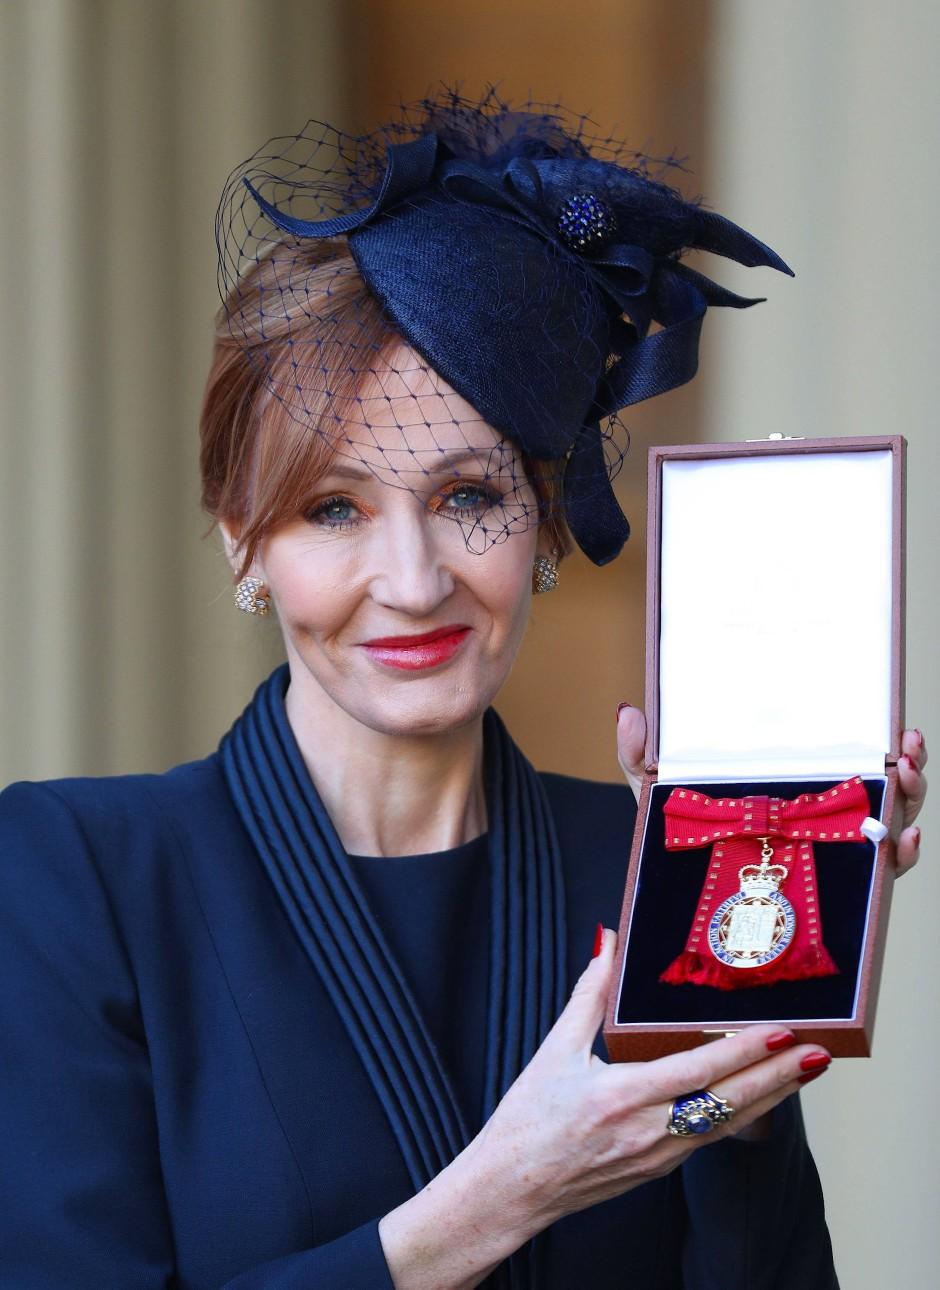 """Für ihre herausragenden Leistungen wurde J.K. Rowling jüngst mit dem """"Order of the Companions of Honour"""" ausgezeichnet."""